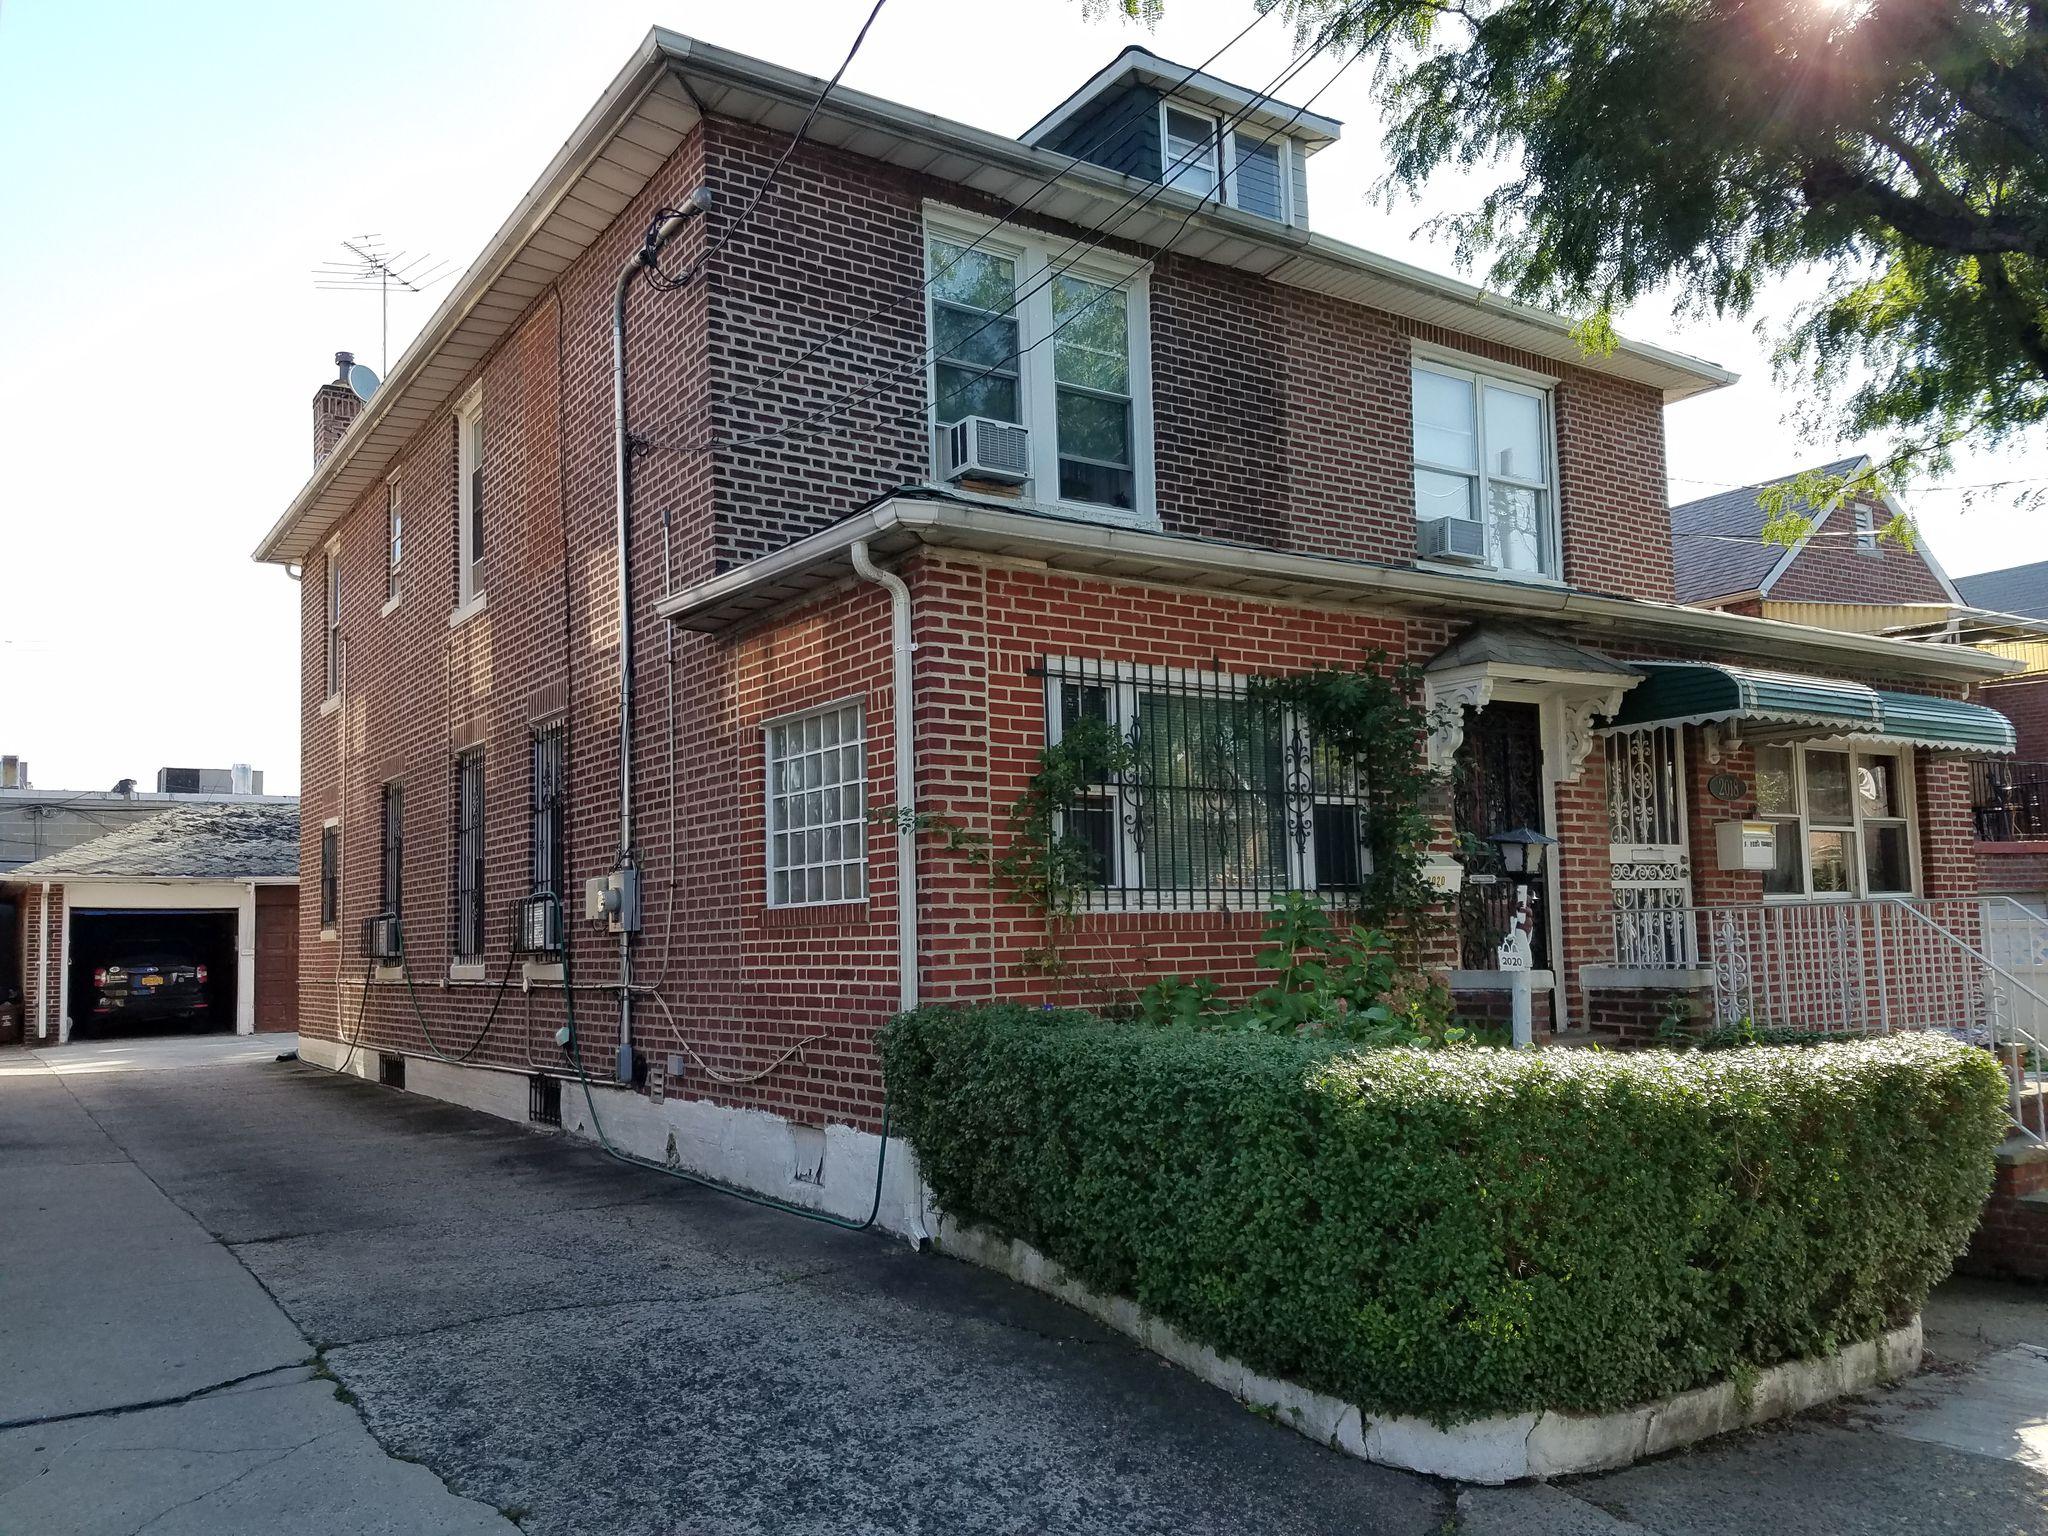 2020 Tomlinson Ave, Bronx, NY 10461 - 3 Bed, 2 Bath Single-Family Home -  MLS #4923126 - 67 Photos | Trulia